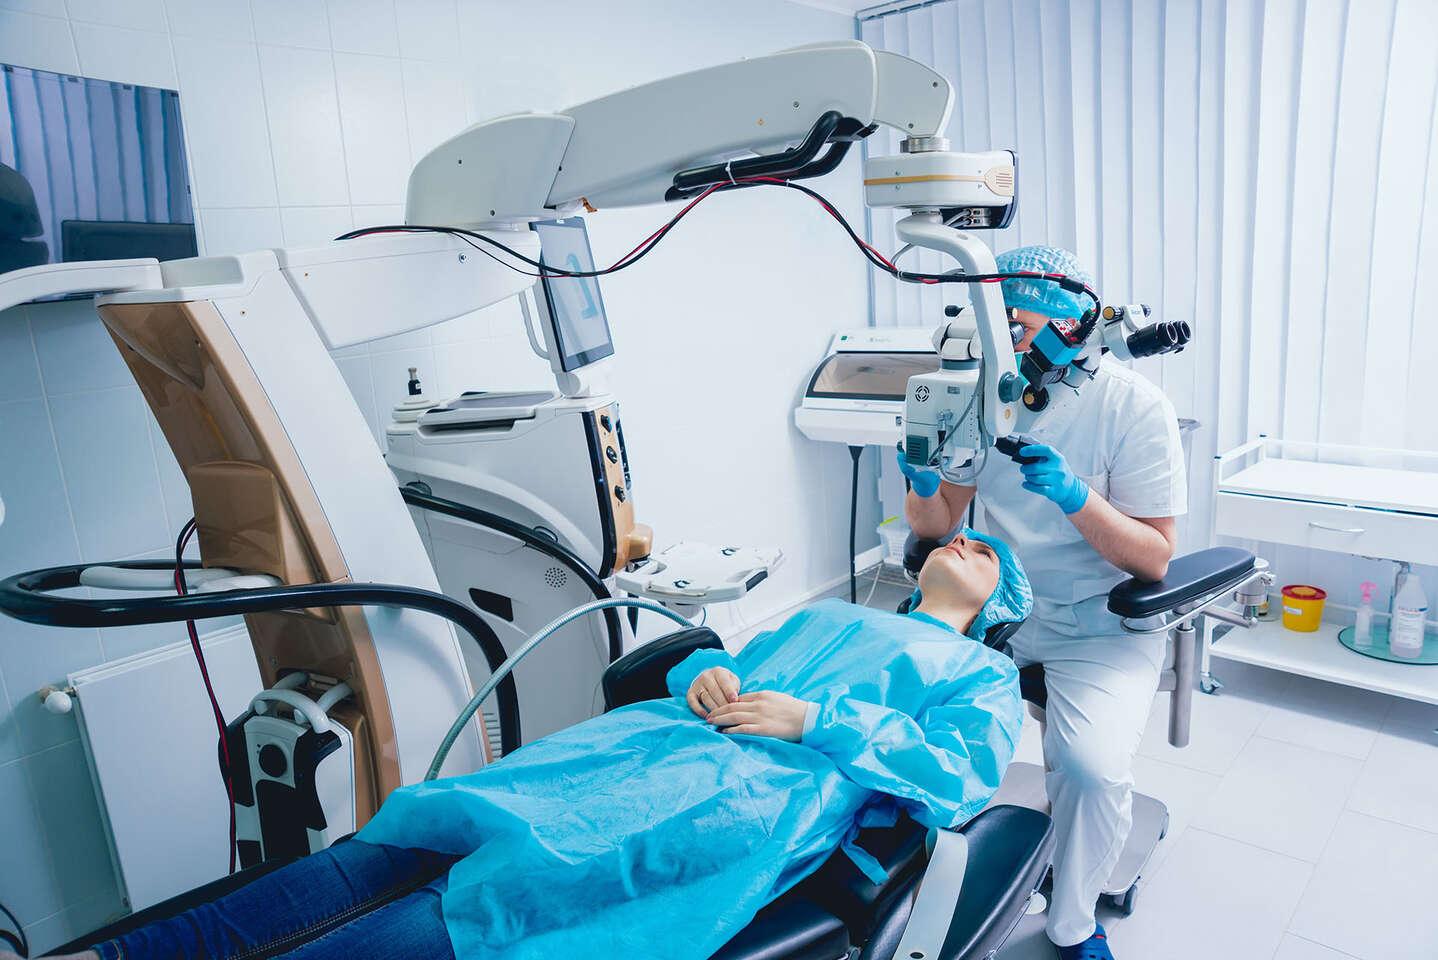 Revolučná laserová operácia očí metódou LASEK